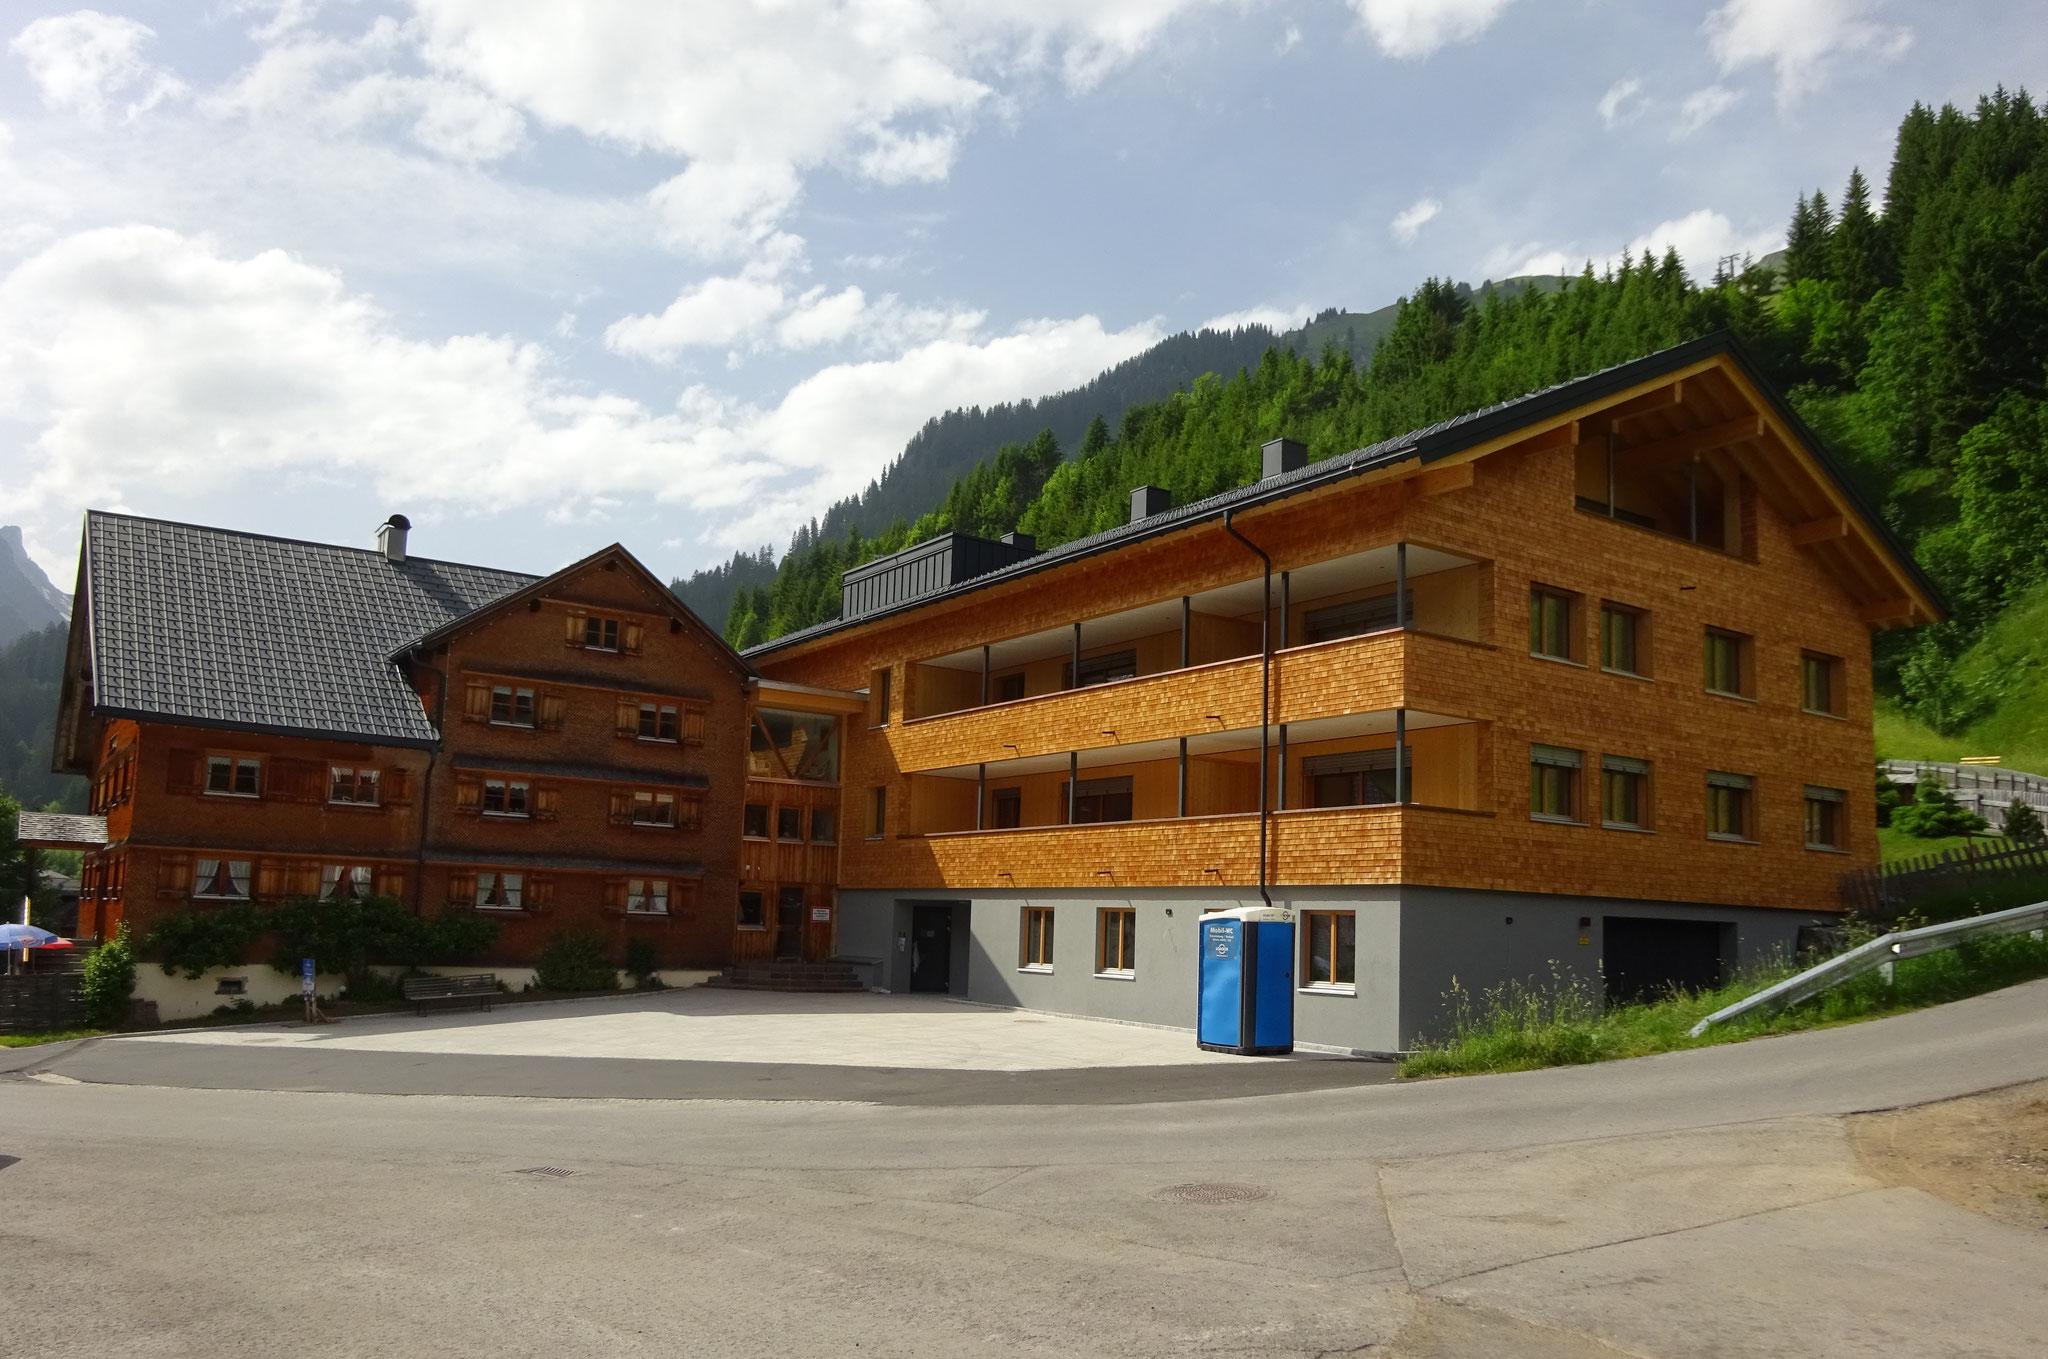 Sonnenhof Schröcken, Bauherr: C. Natter Wohnbau GmbH